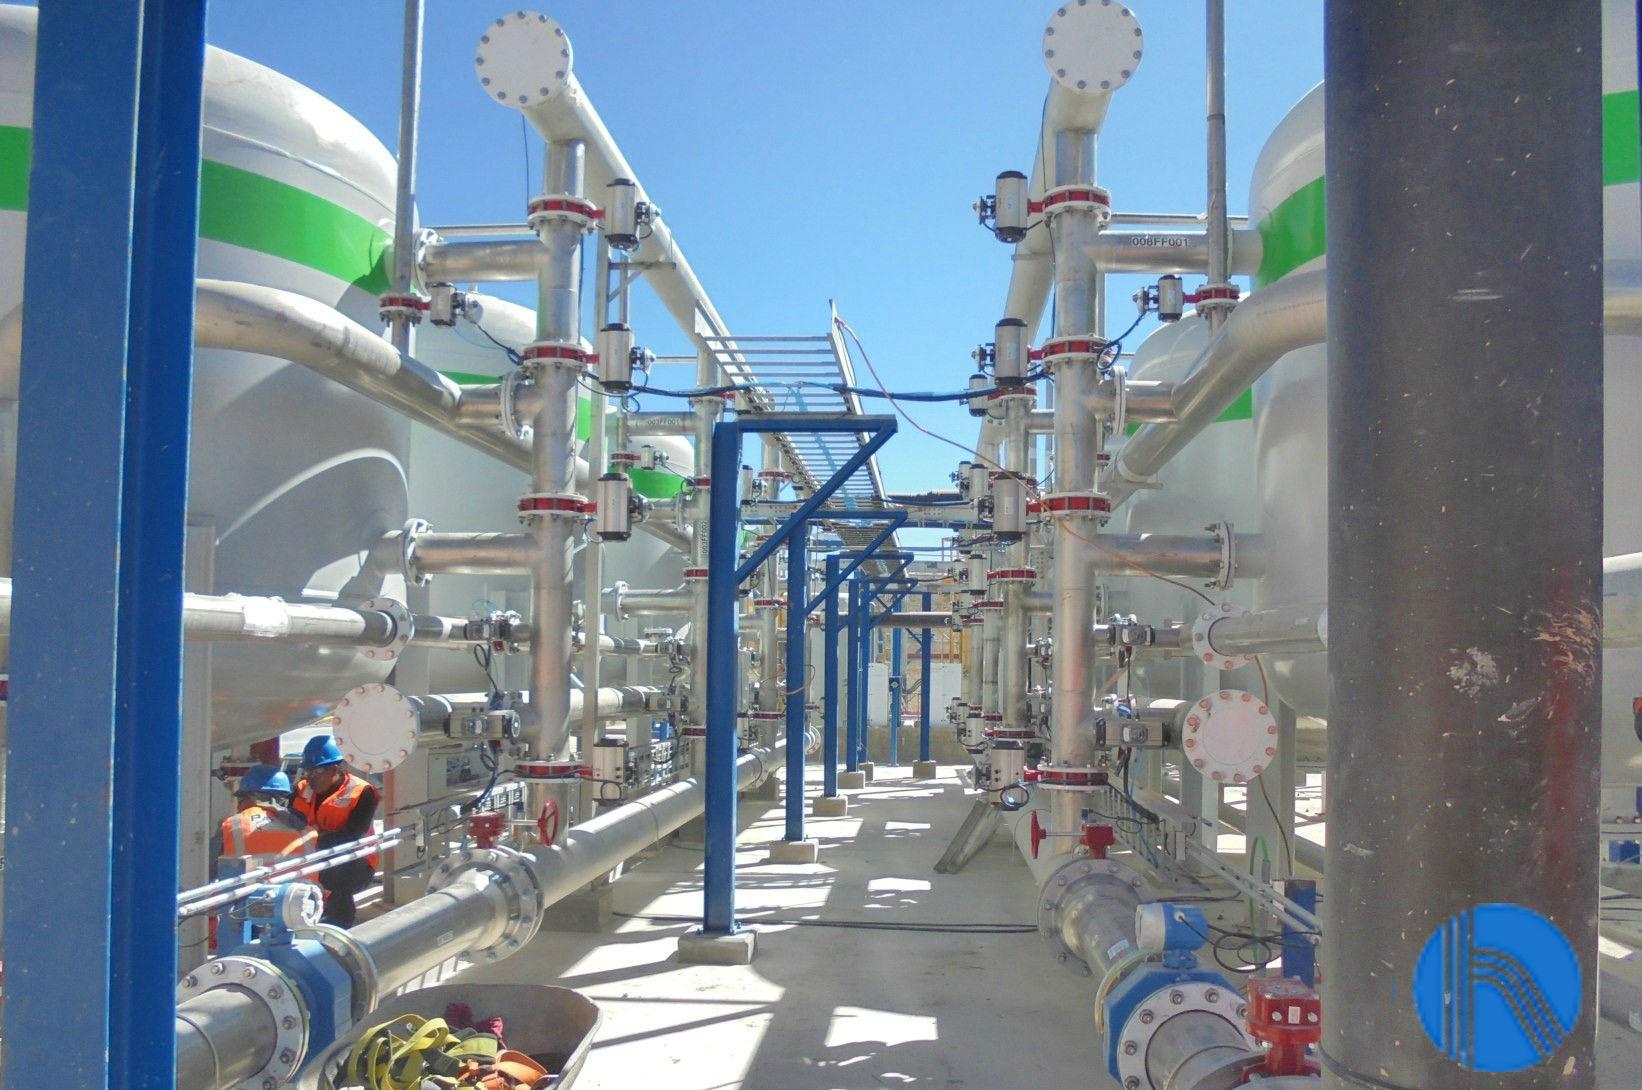 Pretratamiento de agua por filtración tricapa para una minera en Perú